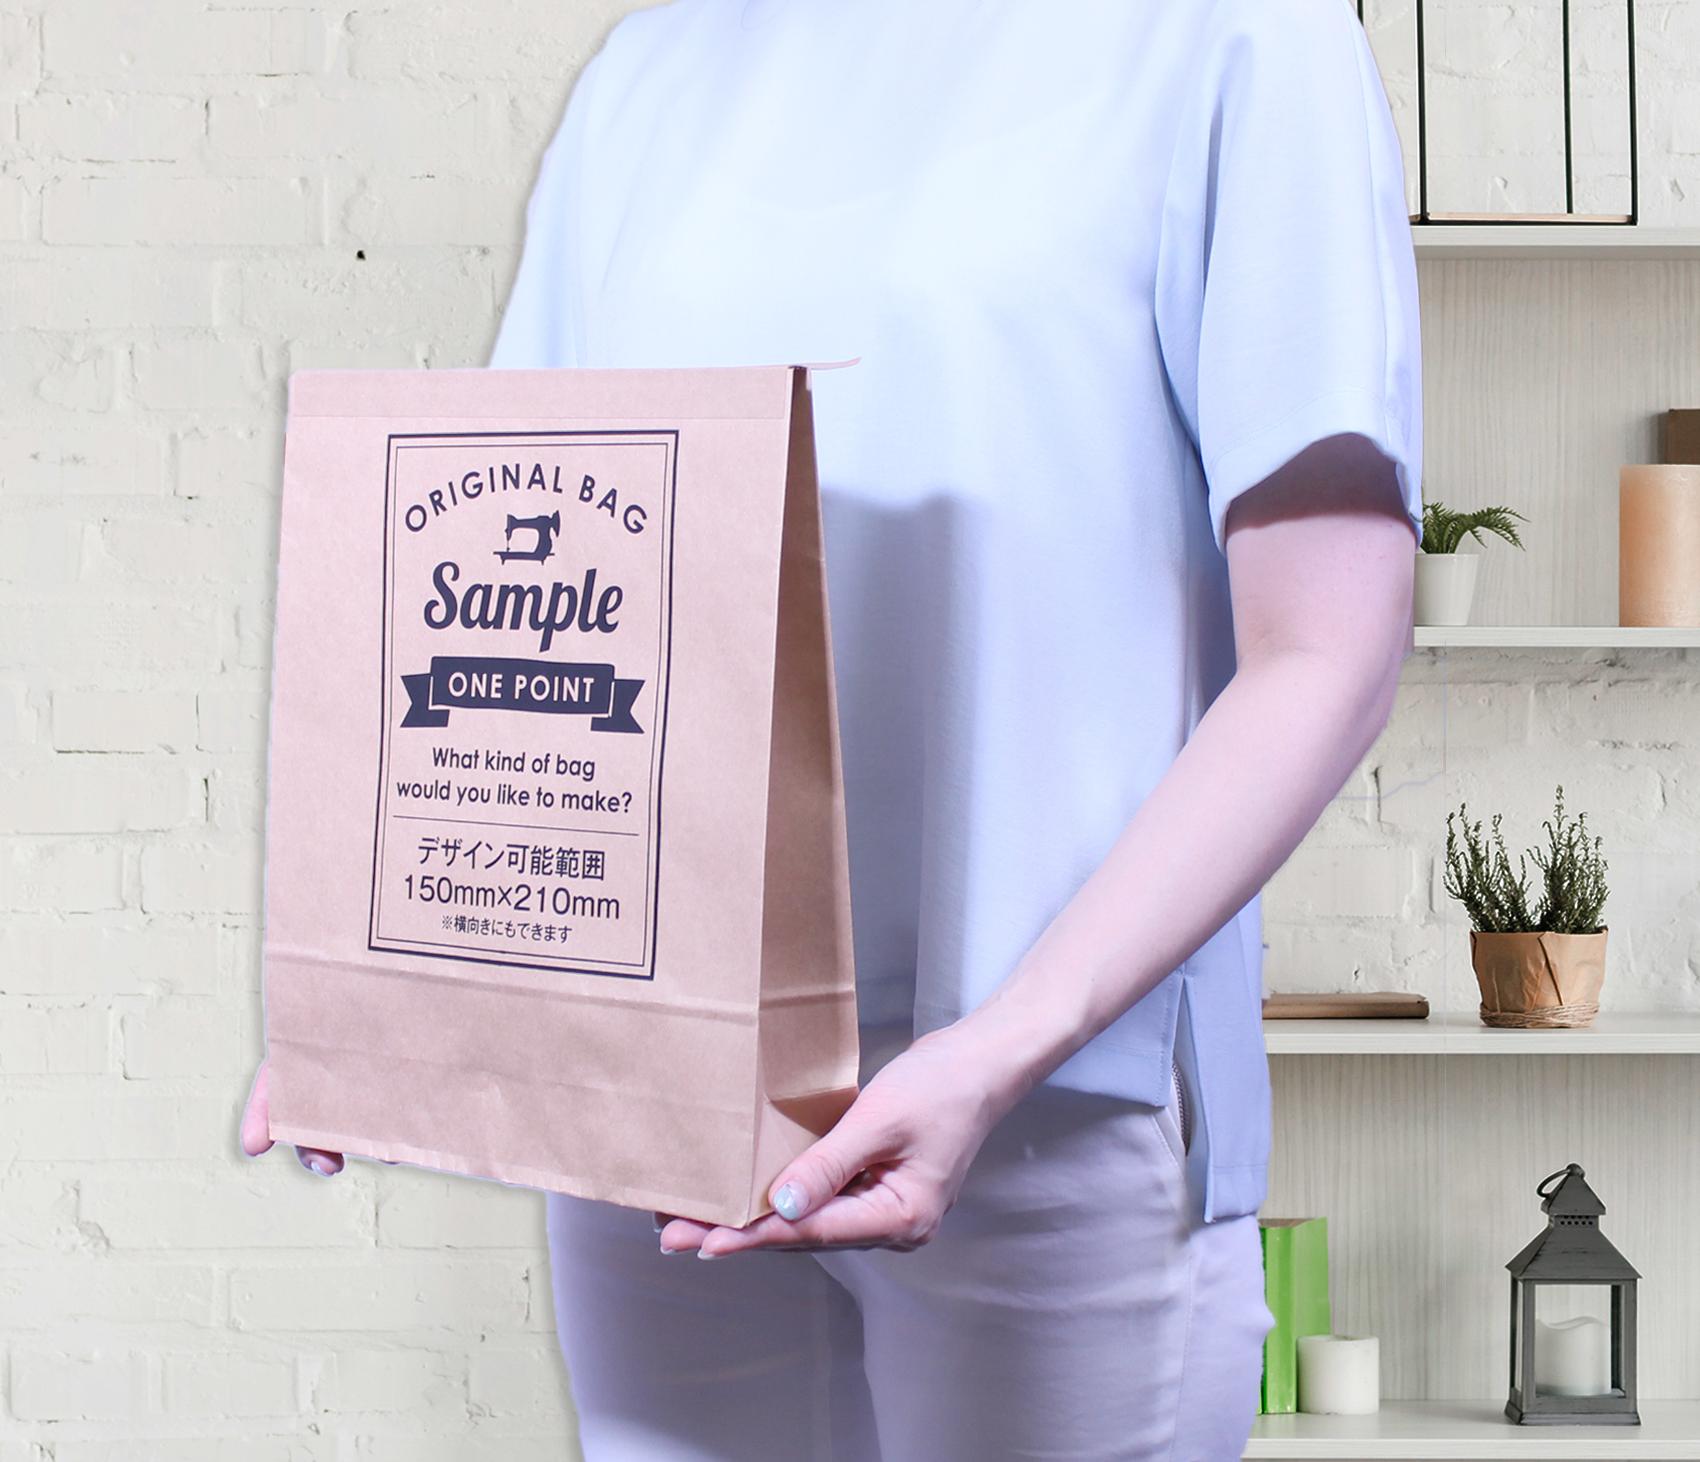 ワンポイント宅配紙袋(片艶晒クラフト)Sサイズのサンプルイメージ画像1